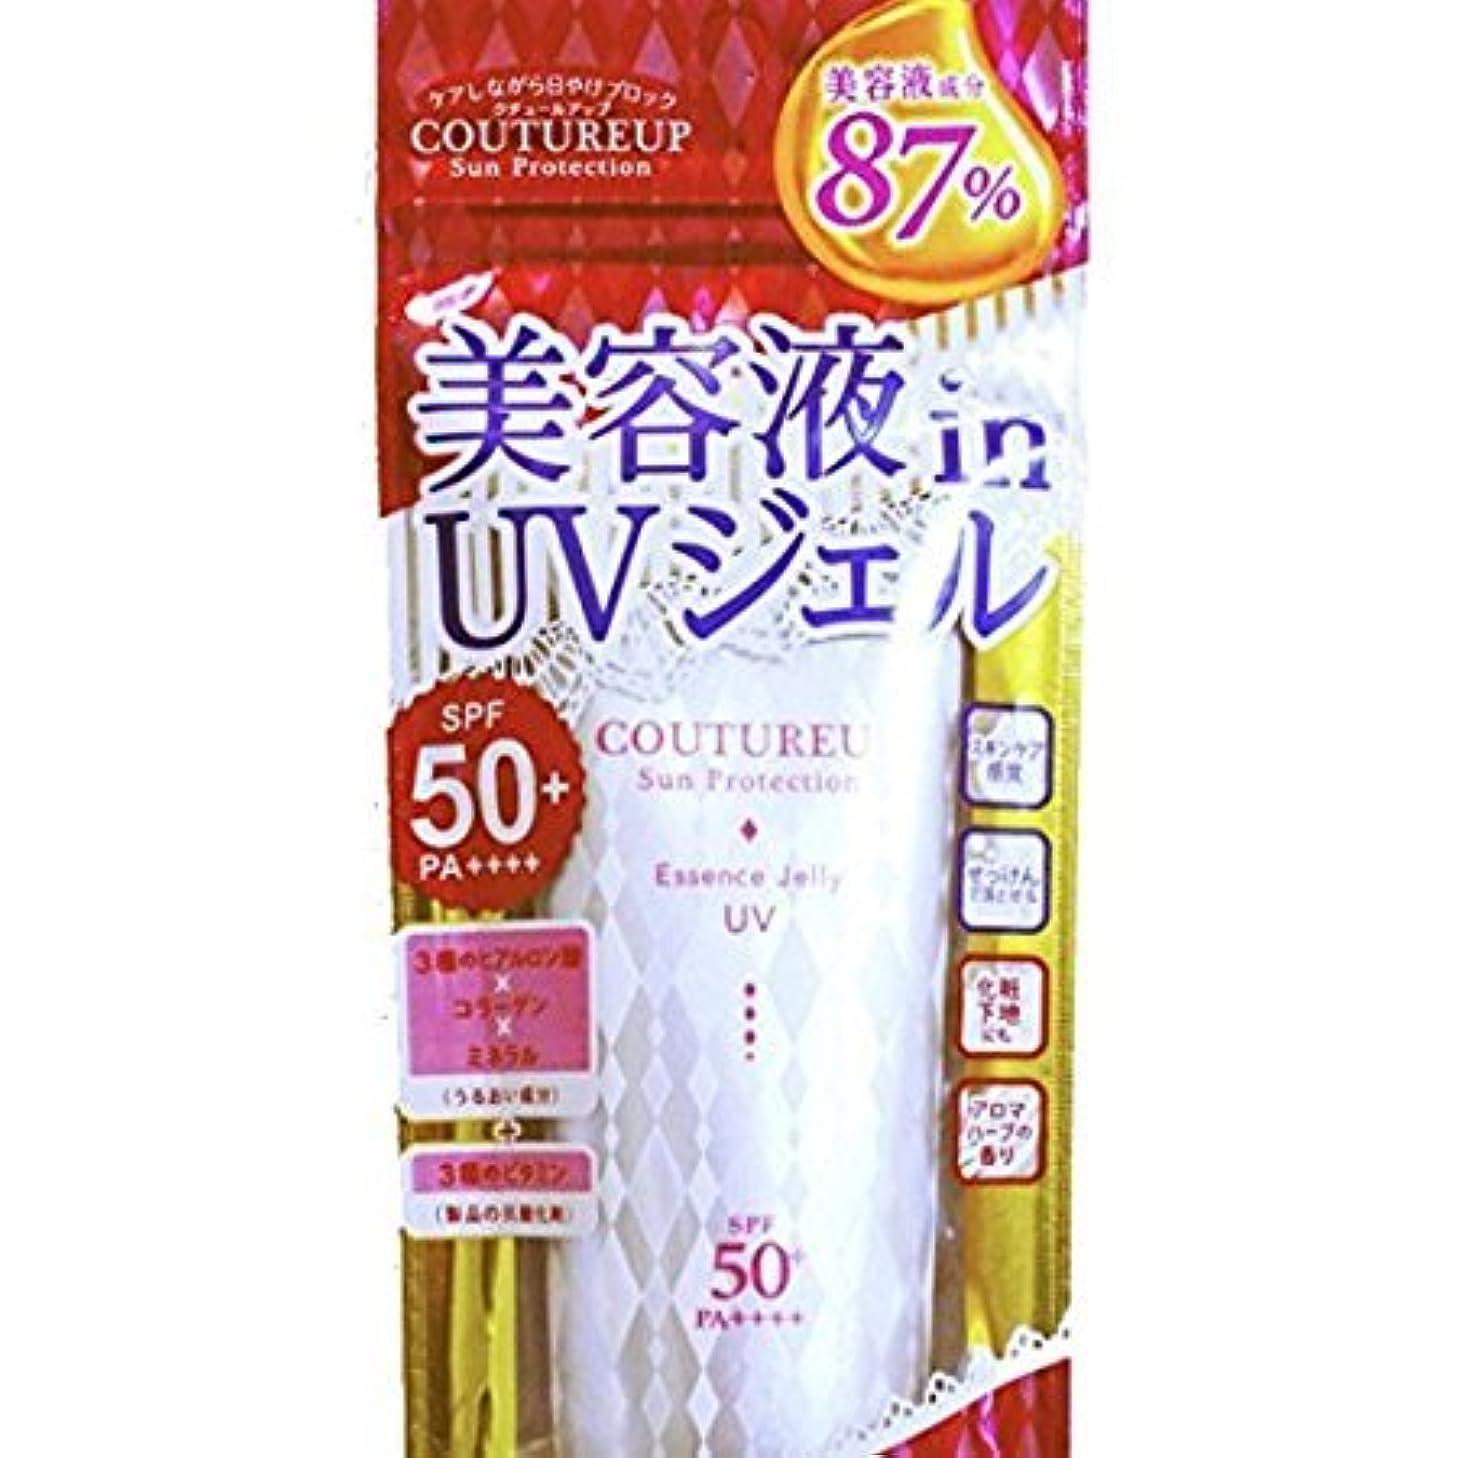 ピアノきらきら主婦美容液 in UVジェル SPF50+/PA++++ 65g 美容液成分87% 日焼け止め&化粧下地